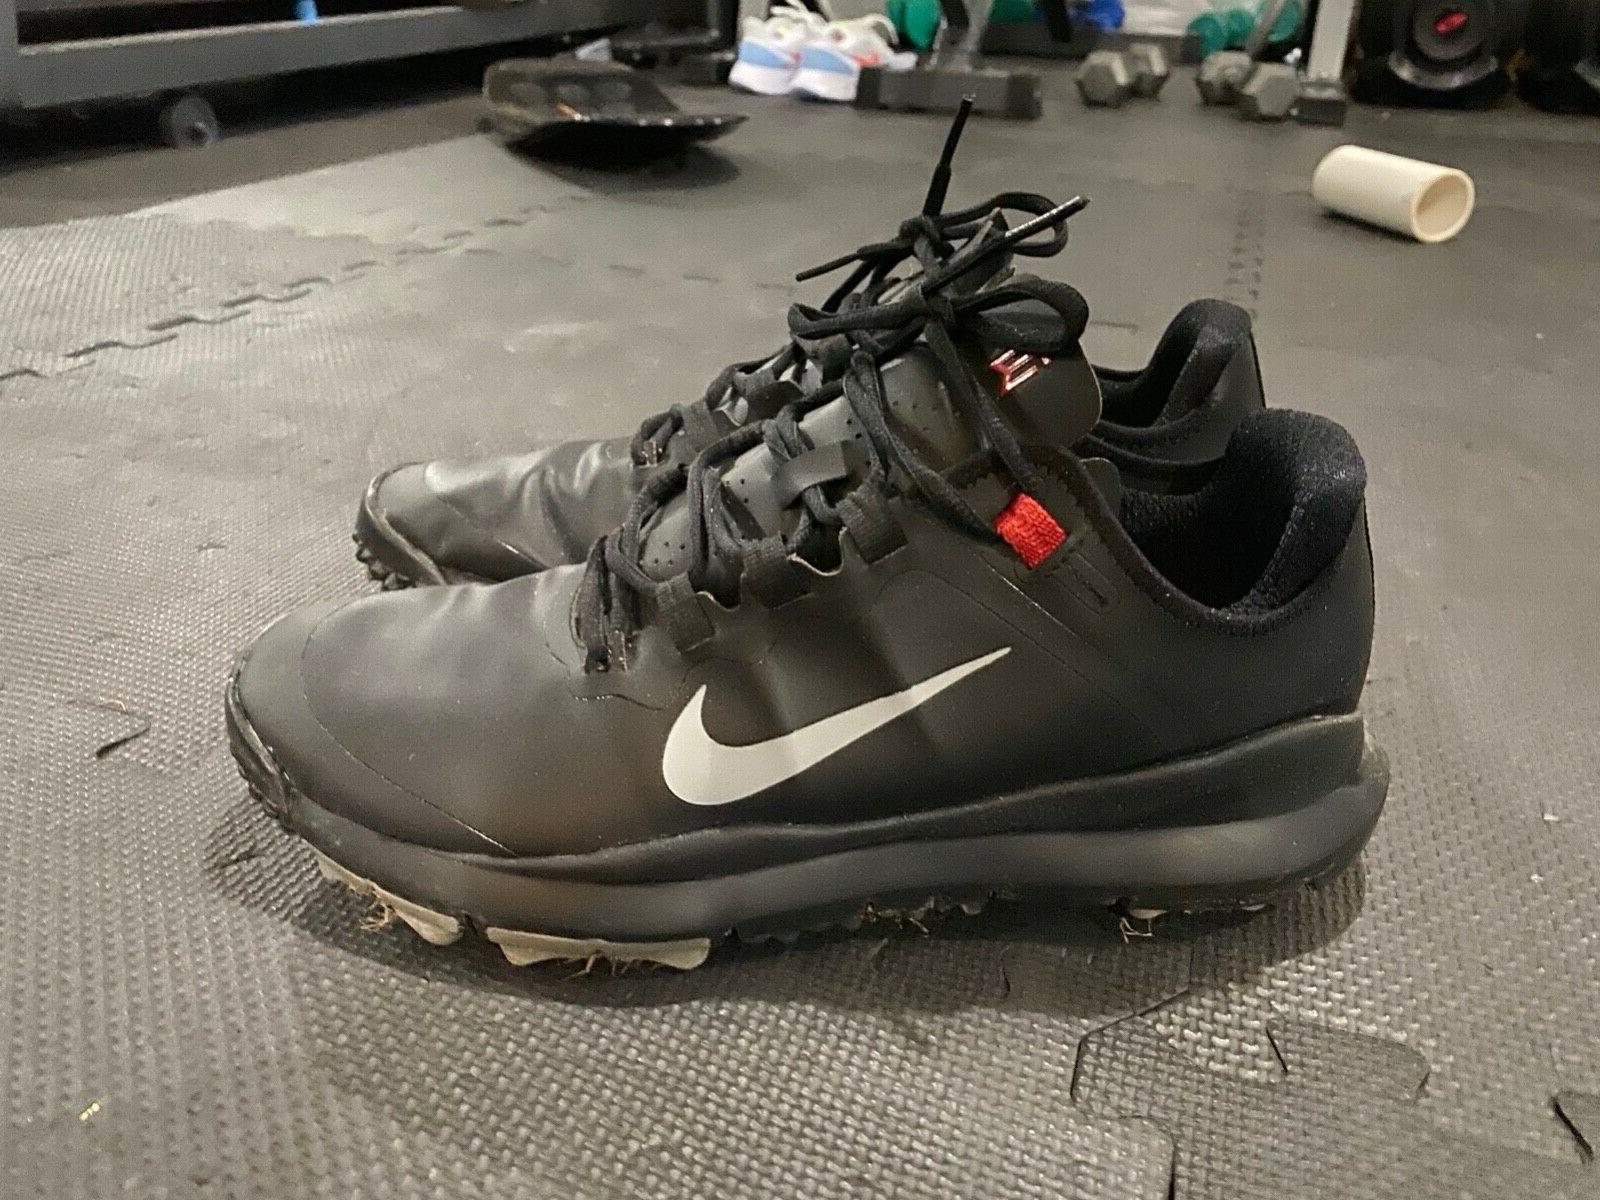 tw13 golf shoes black size 10 5